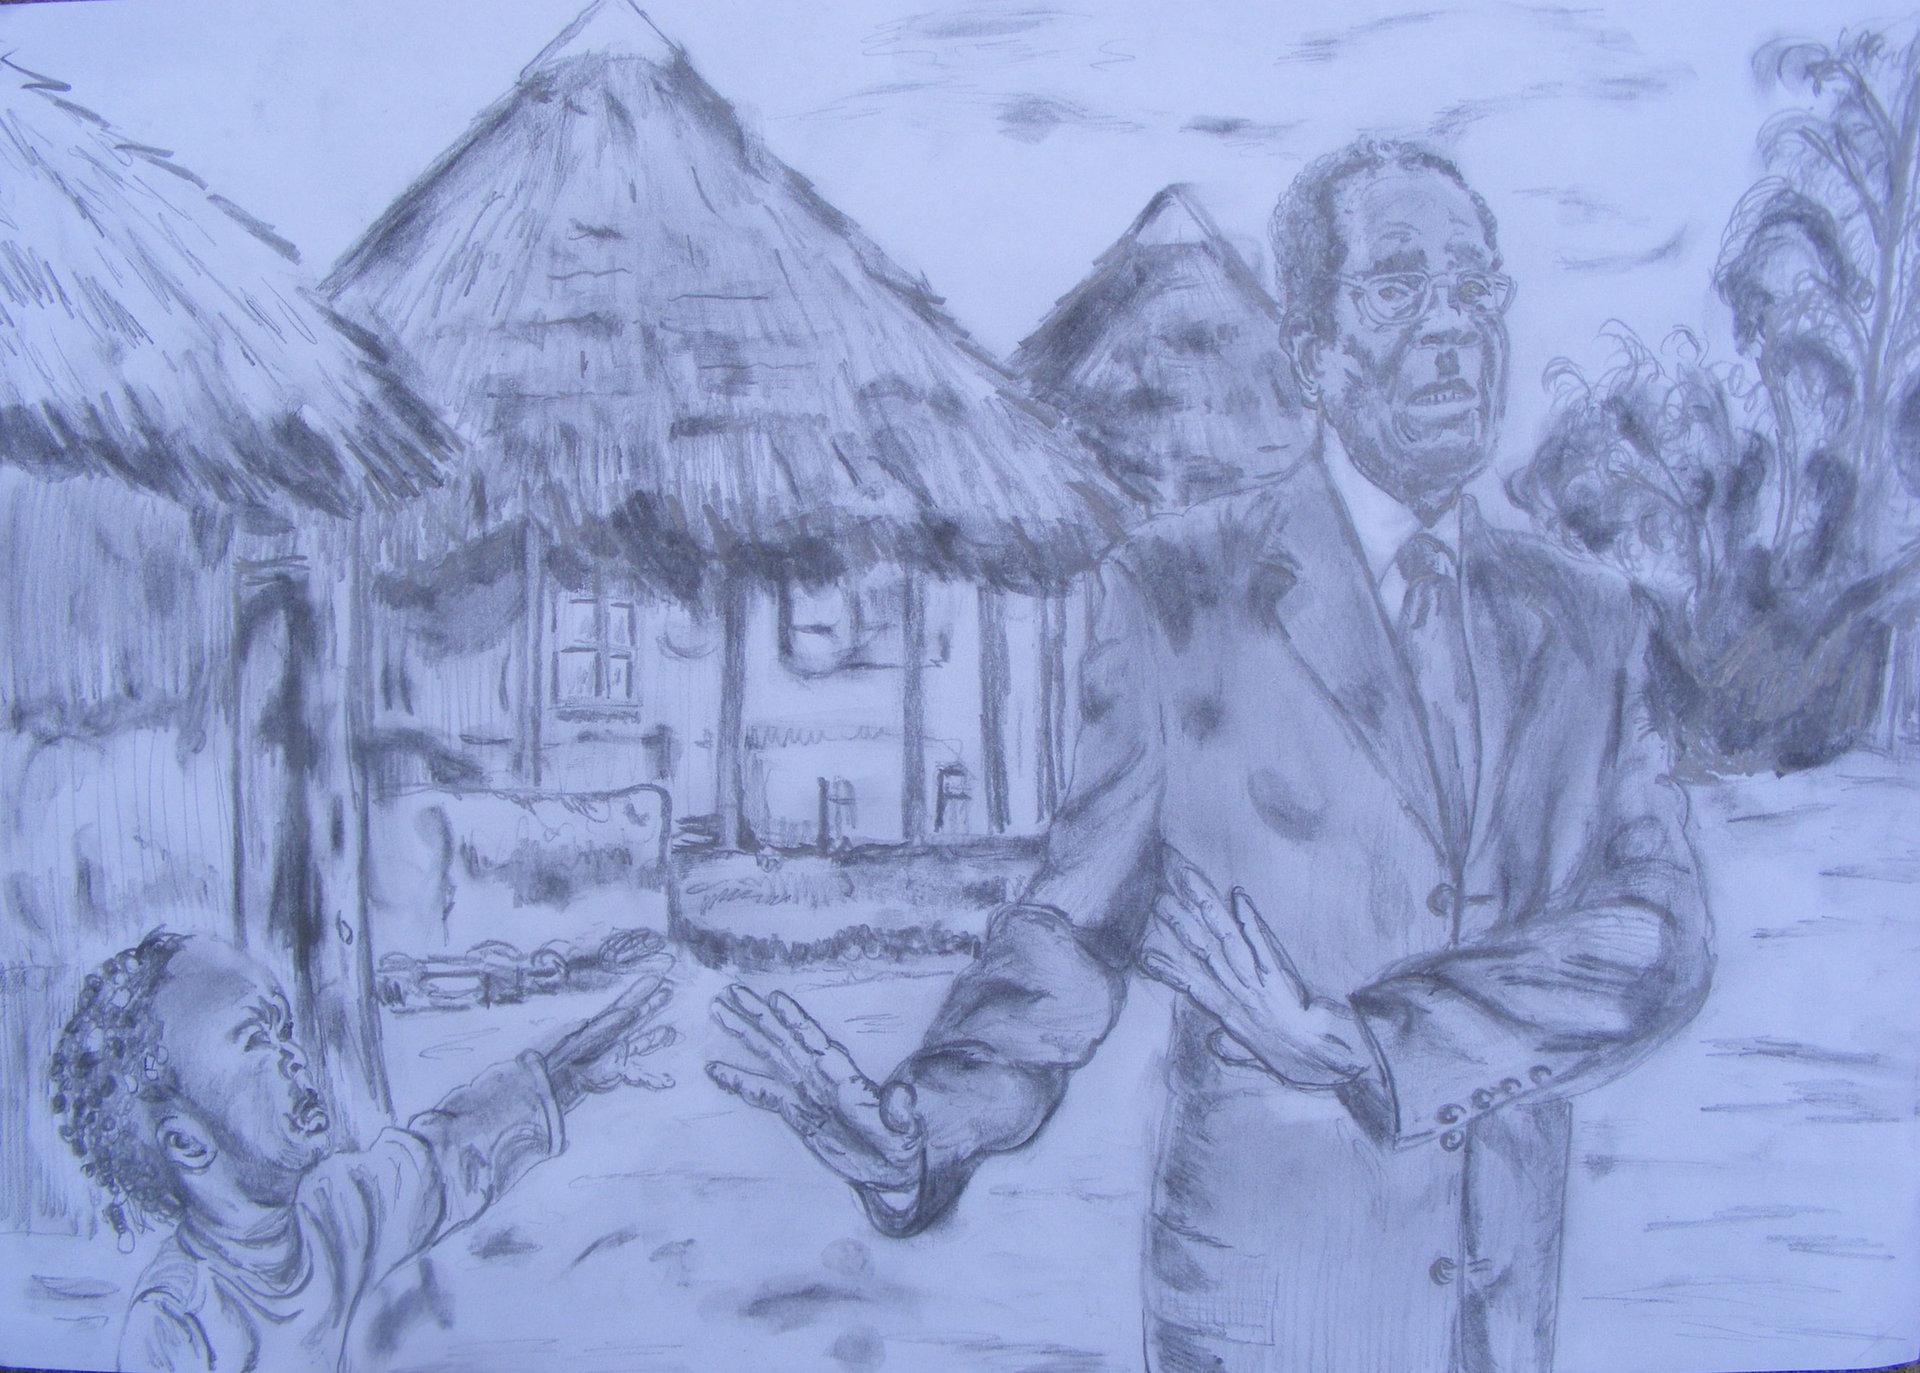 Robert Mugabe - neglect of a nation